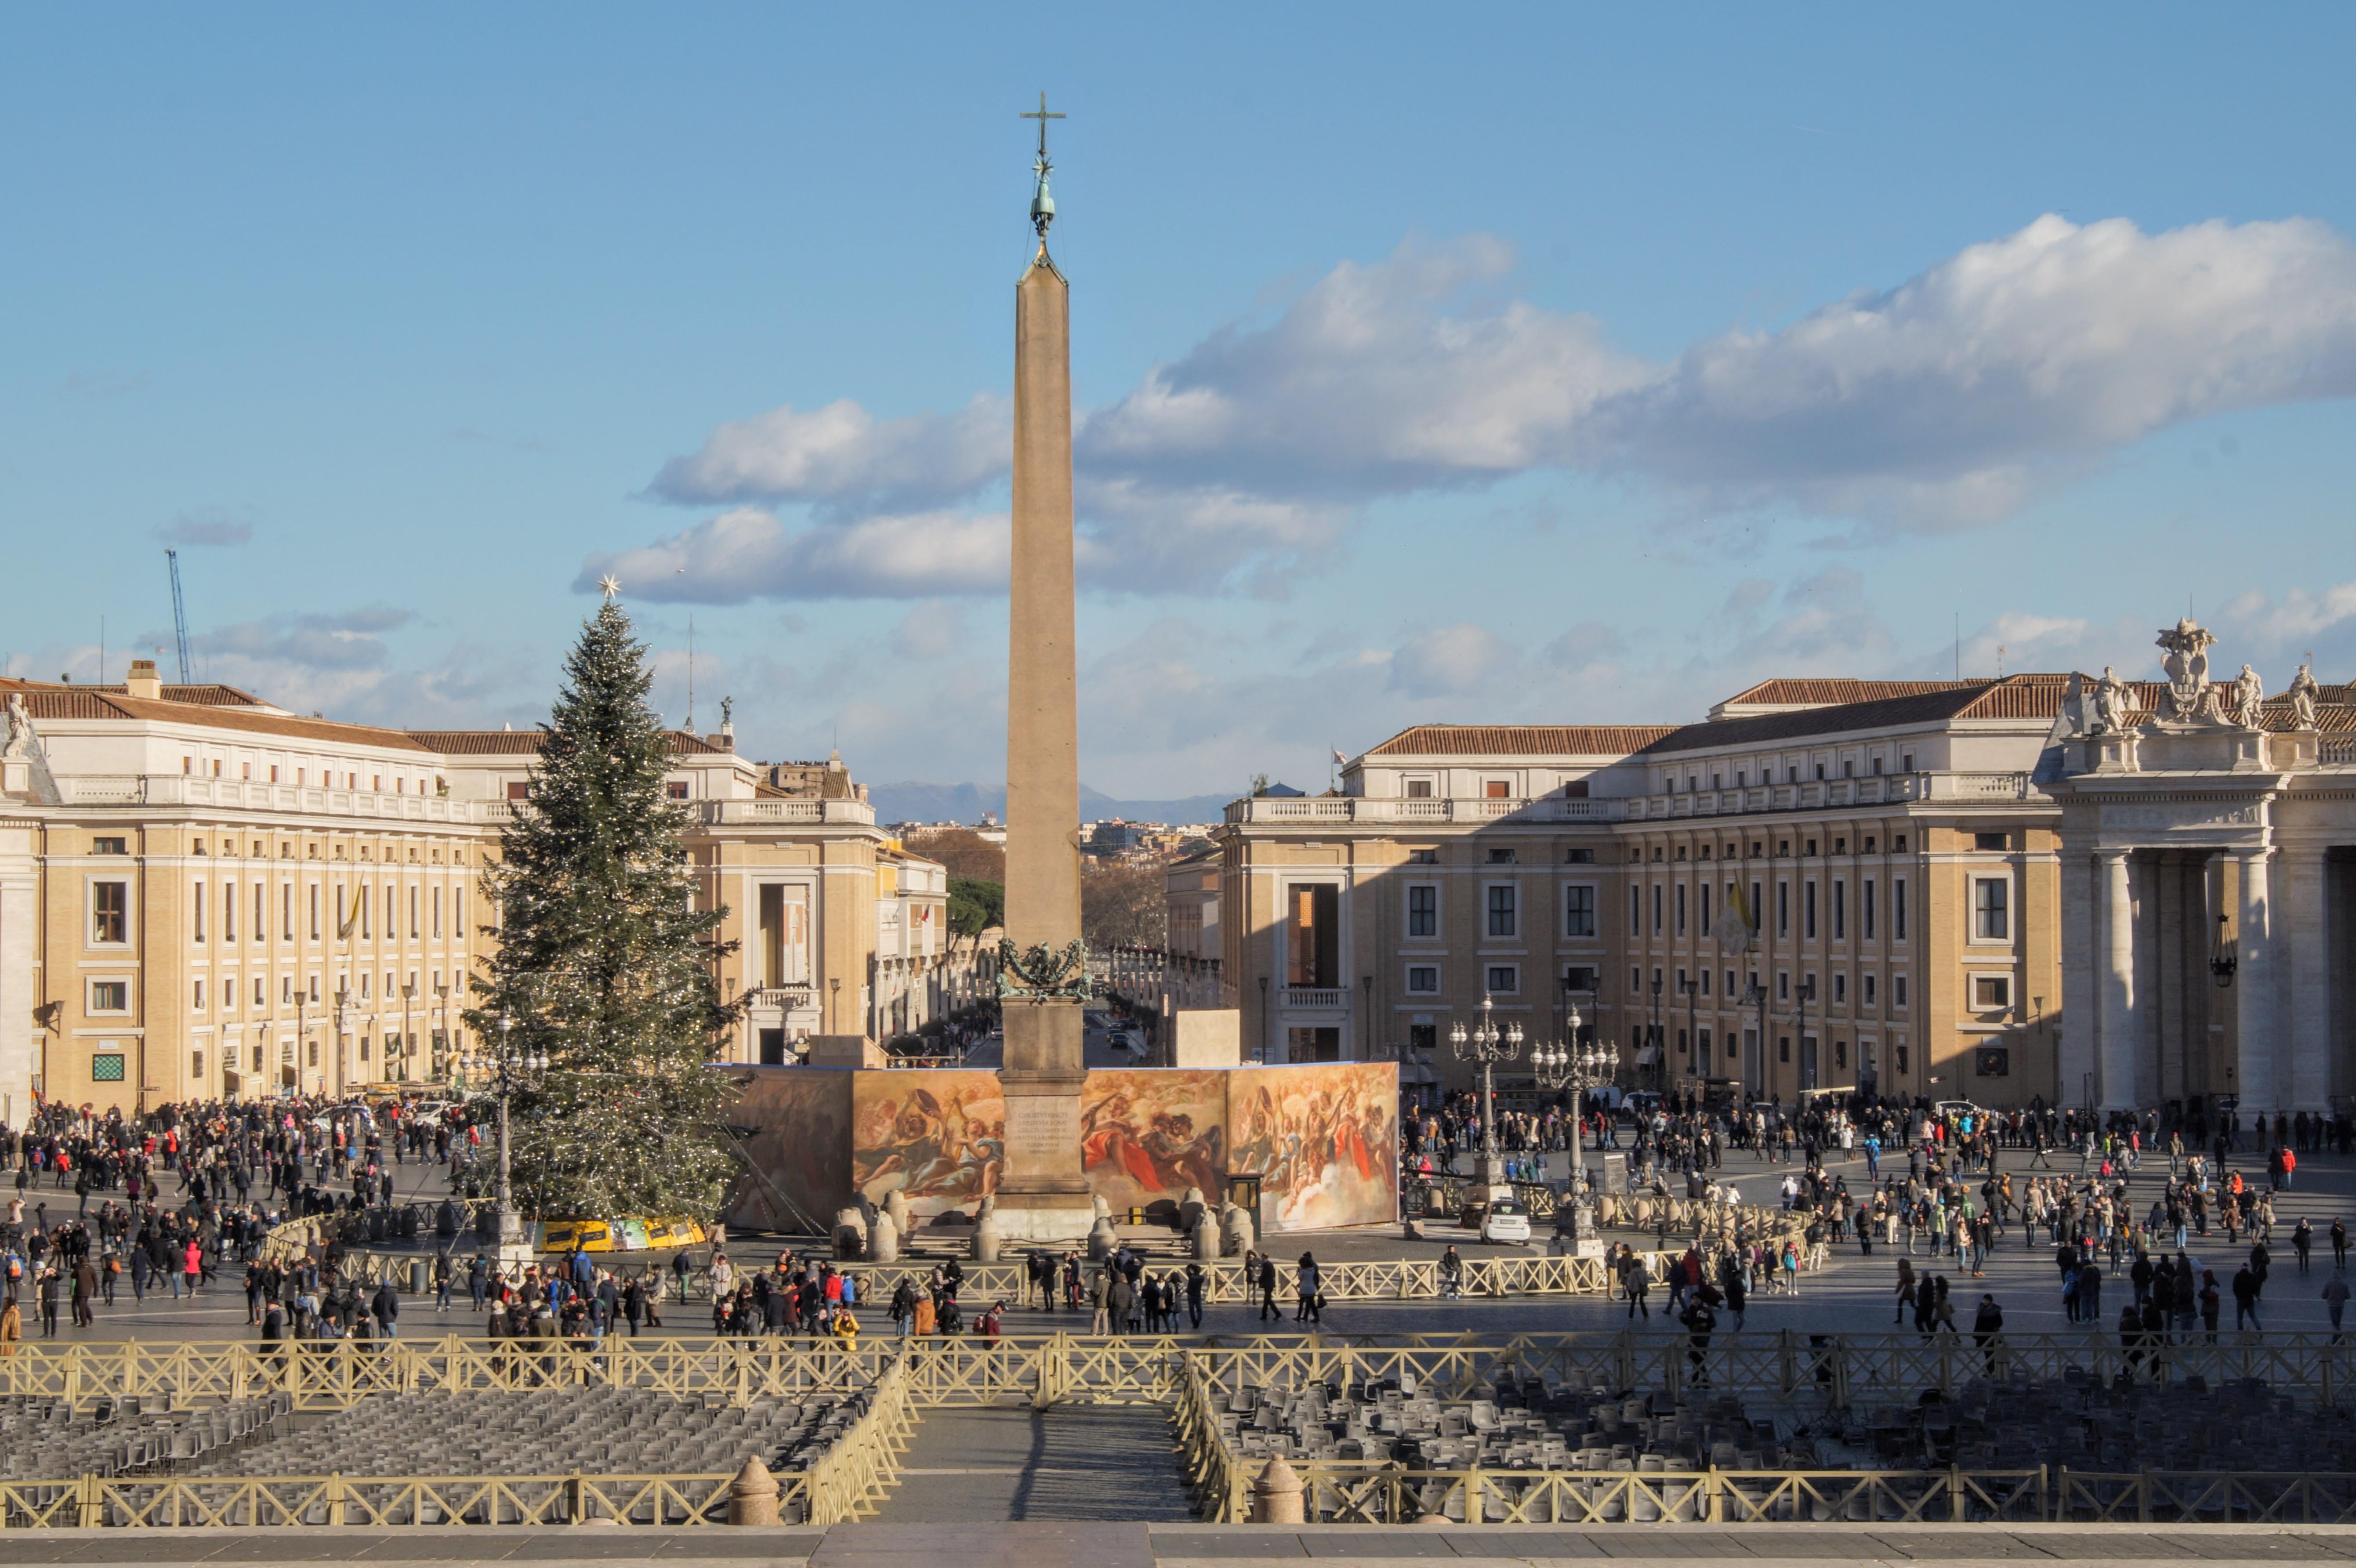 Ο οβελίσκος και η Πλατεία του Αγίου Πέτρου από την έξοδο της Βασιλικής (Φωτογραφία Νίκος Πράσσος)